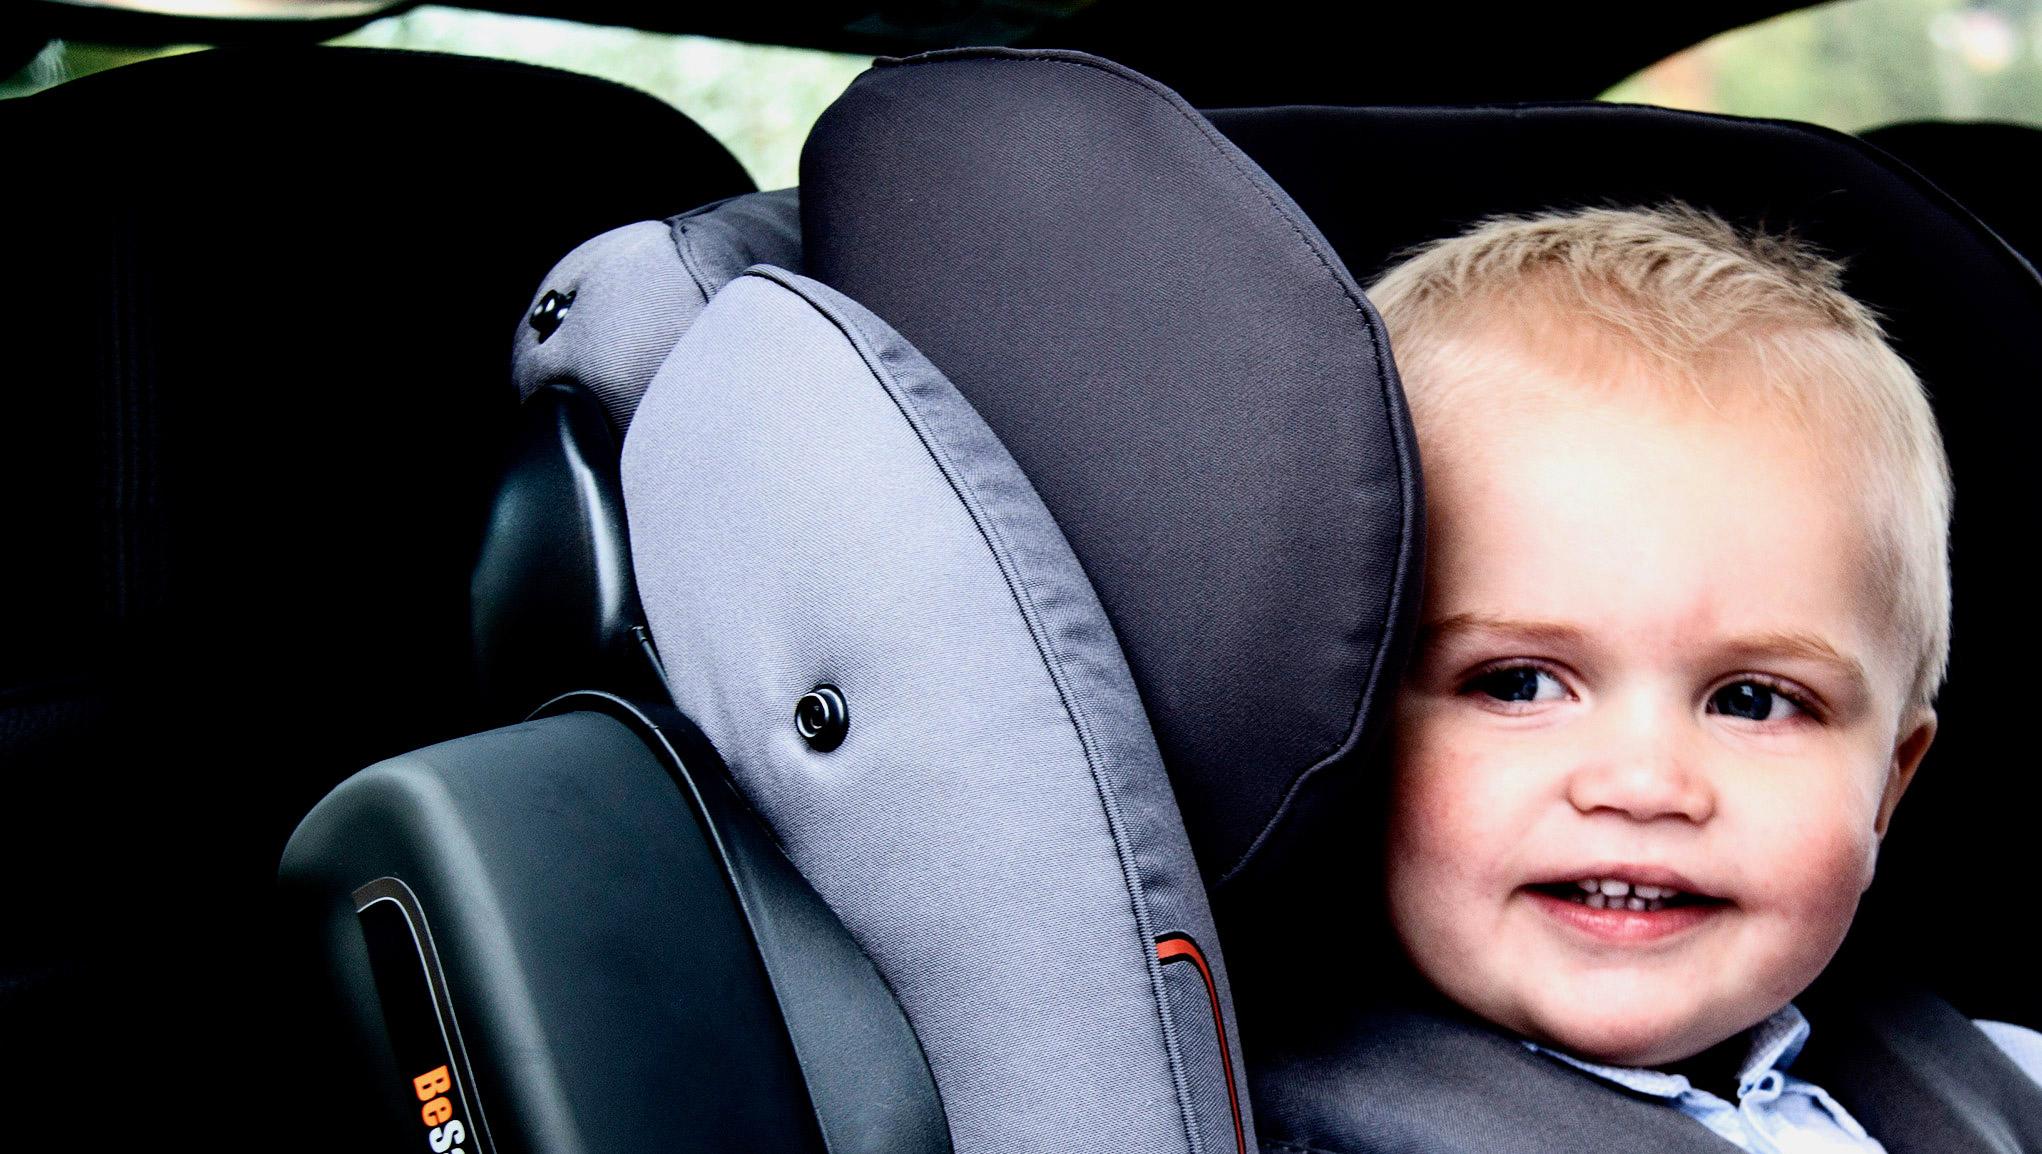 Hyr bilbarnstol – Alltid rätt bilbarnstol för barnet  661a3eaf4e24b